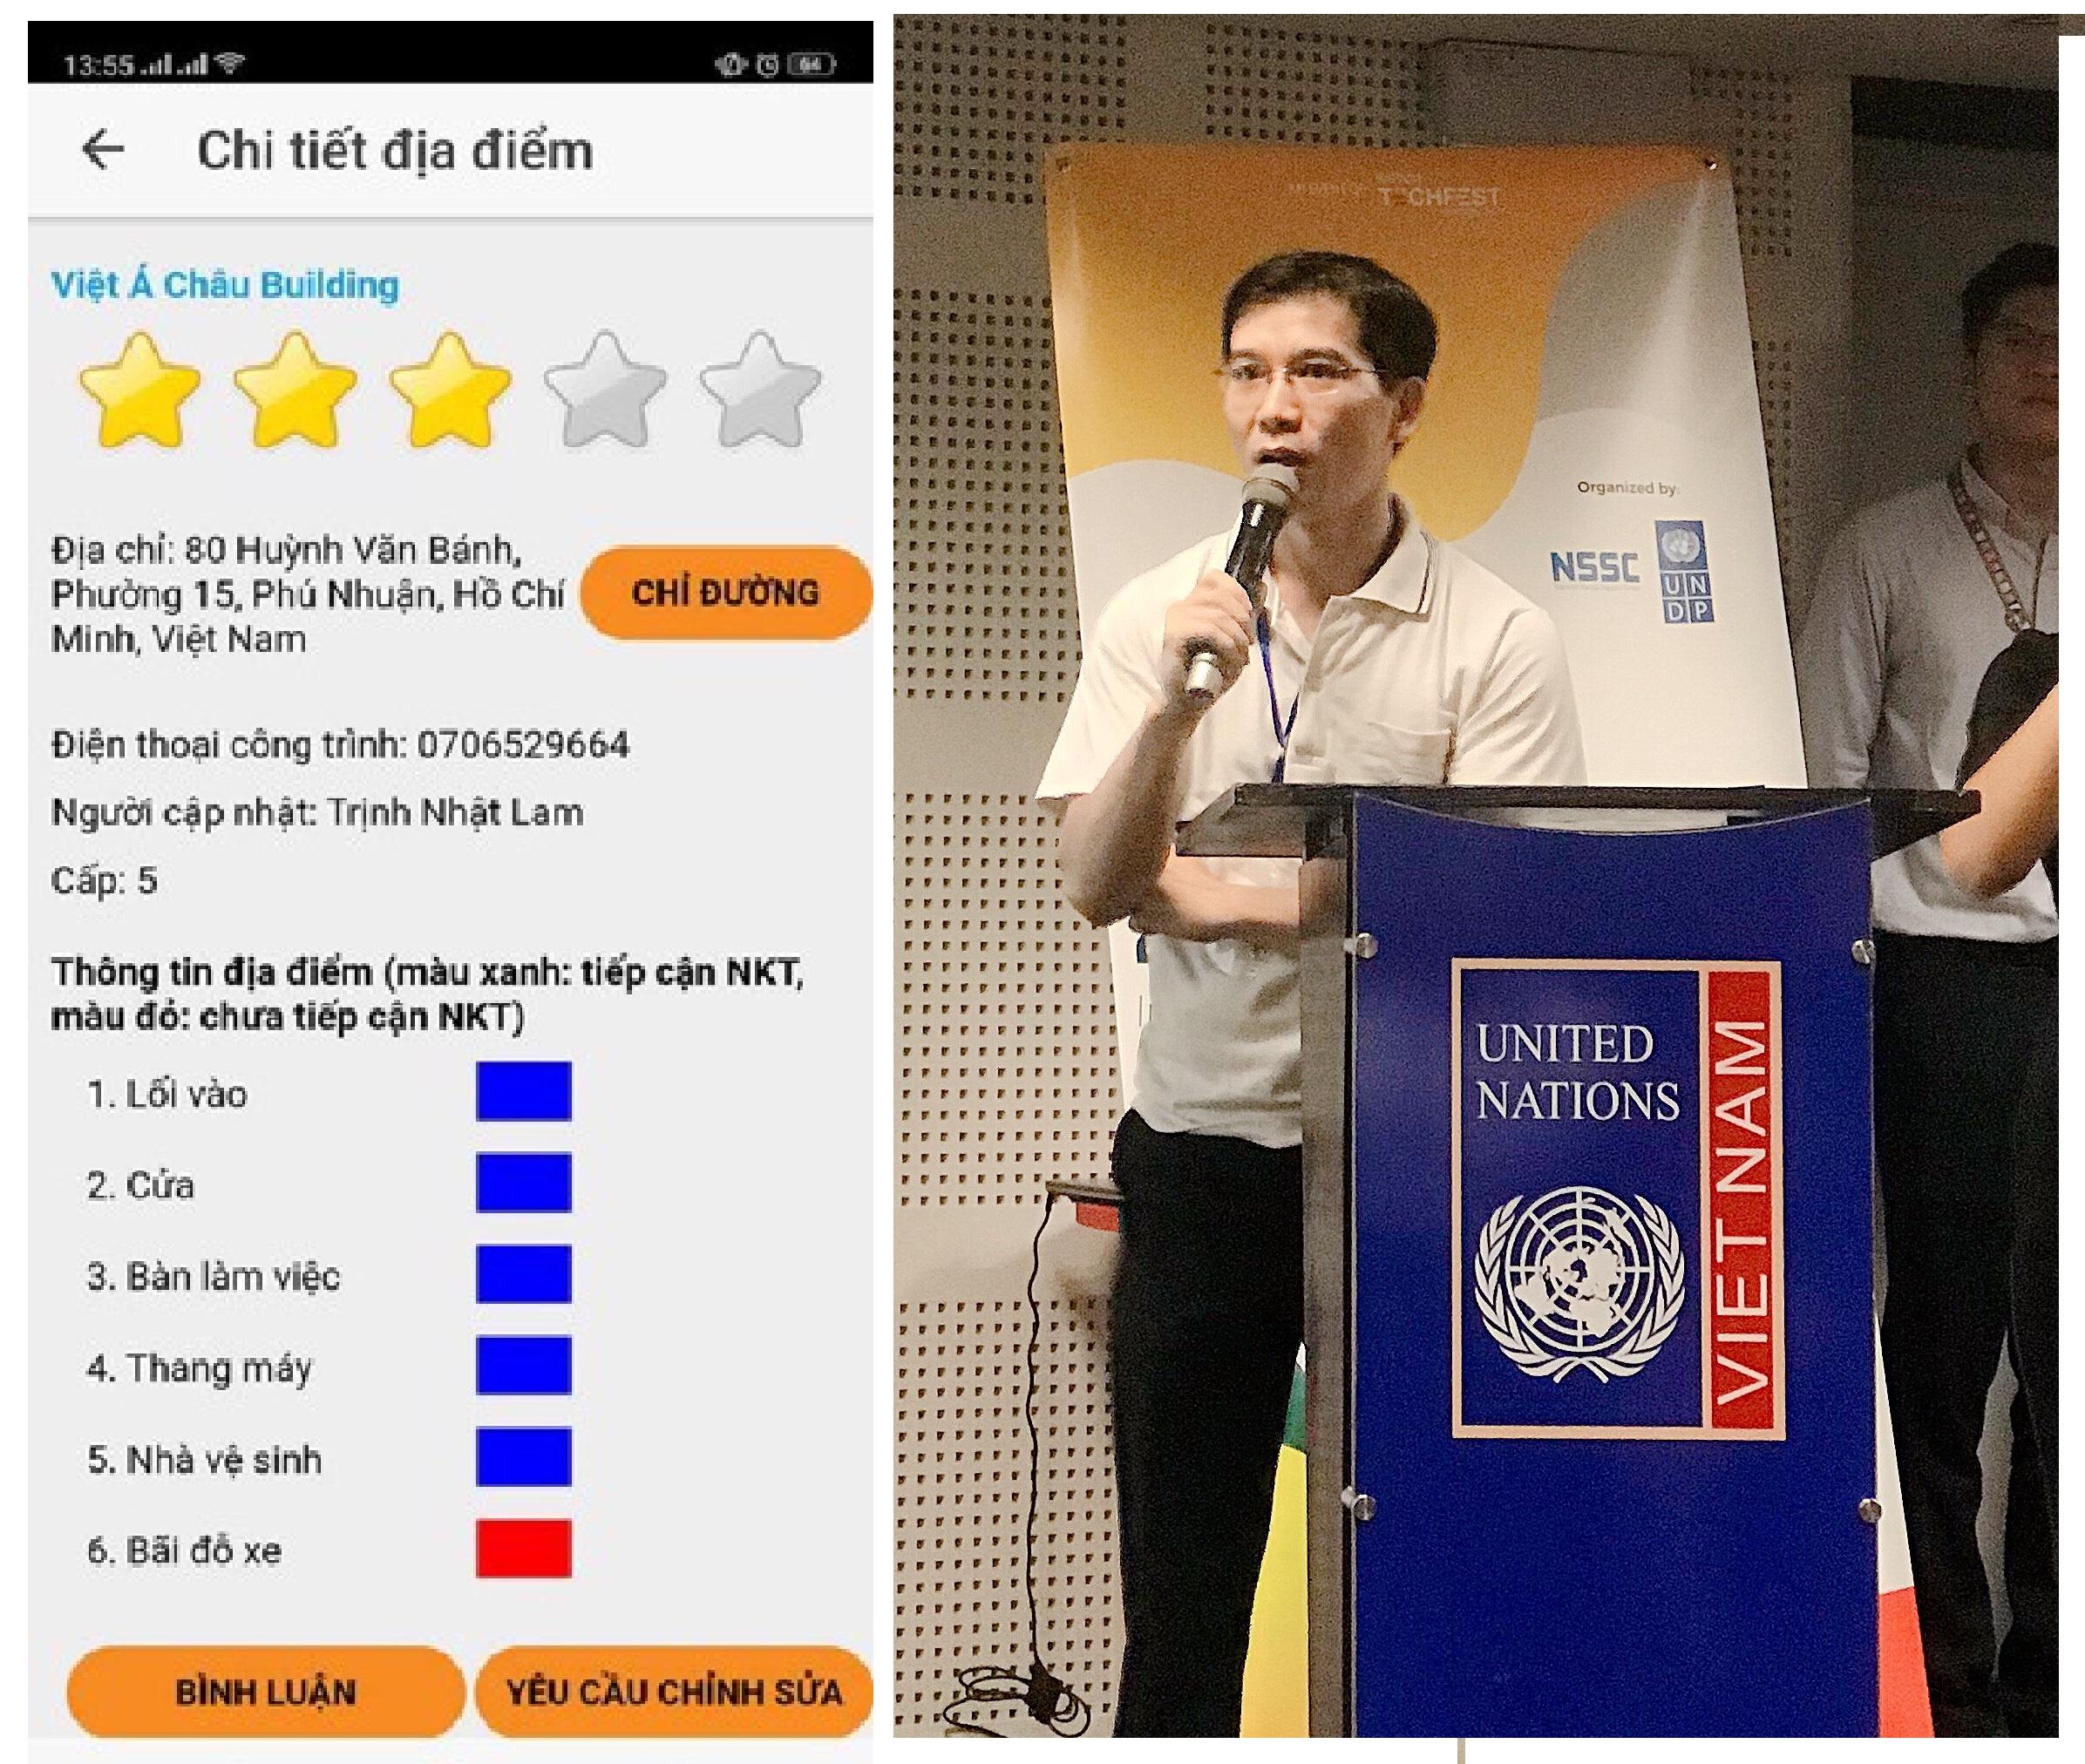 Nguyễn Xuân Khánh, đến từ Hội người khuyết tật TP Hà Nội giới thiệu cách sử dụng ứng dụng D.MAP hỗ trợ người khuyết tật | Ảnh phải: Thu Giang